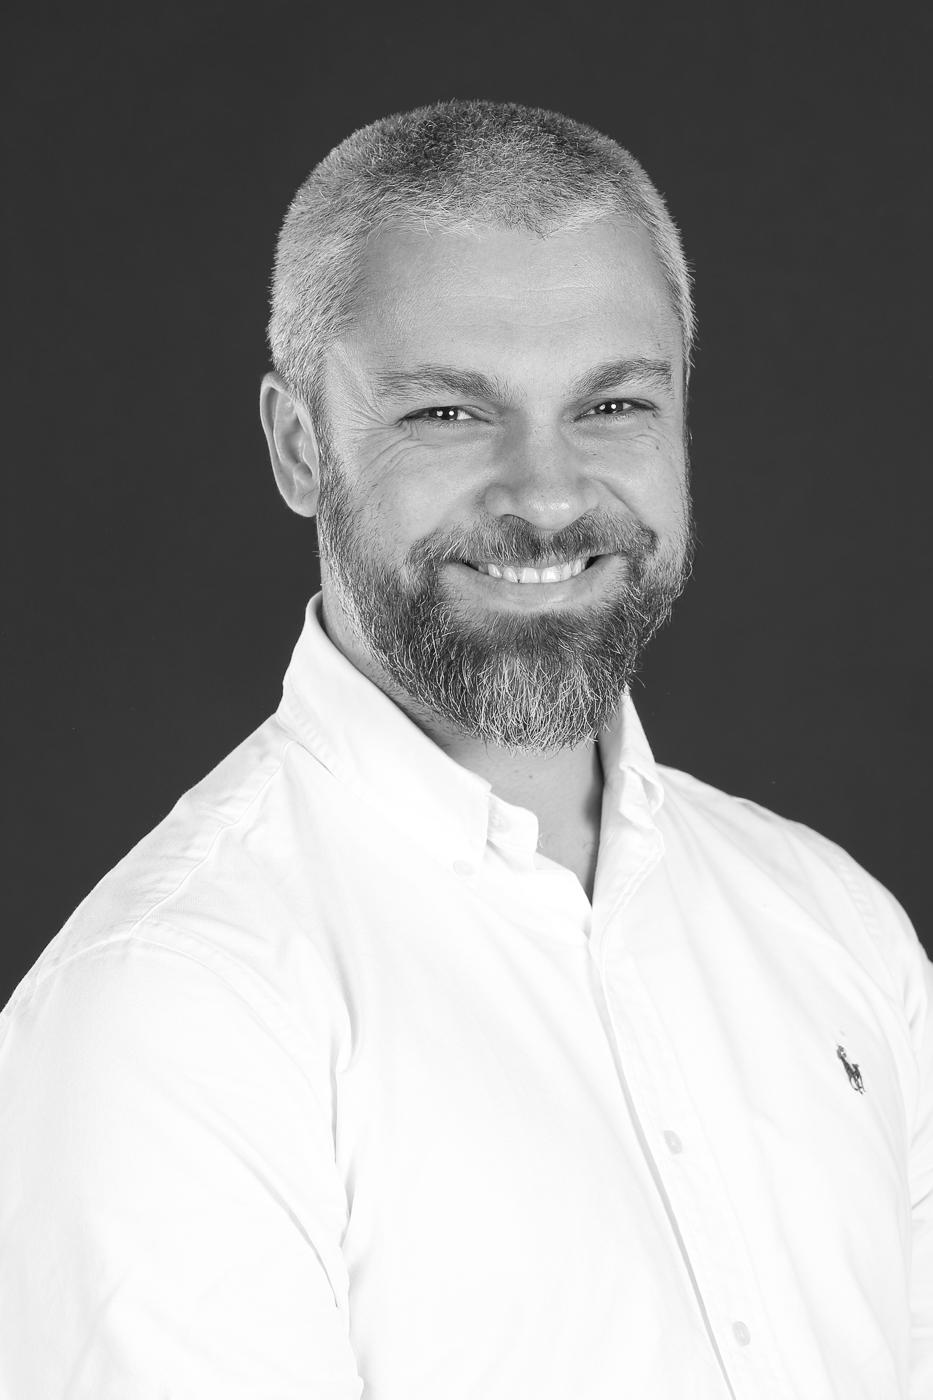 Bedriftsportrett  / Profilbilde